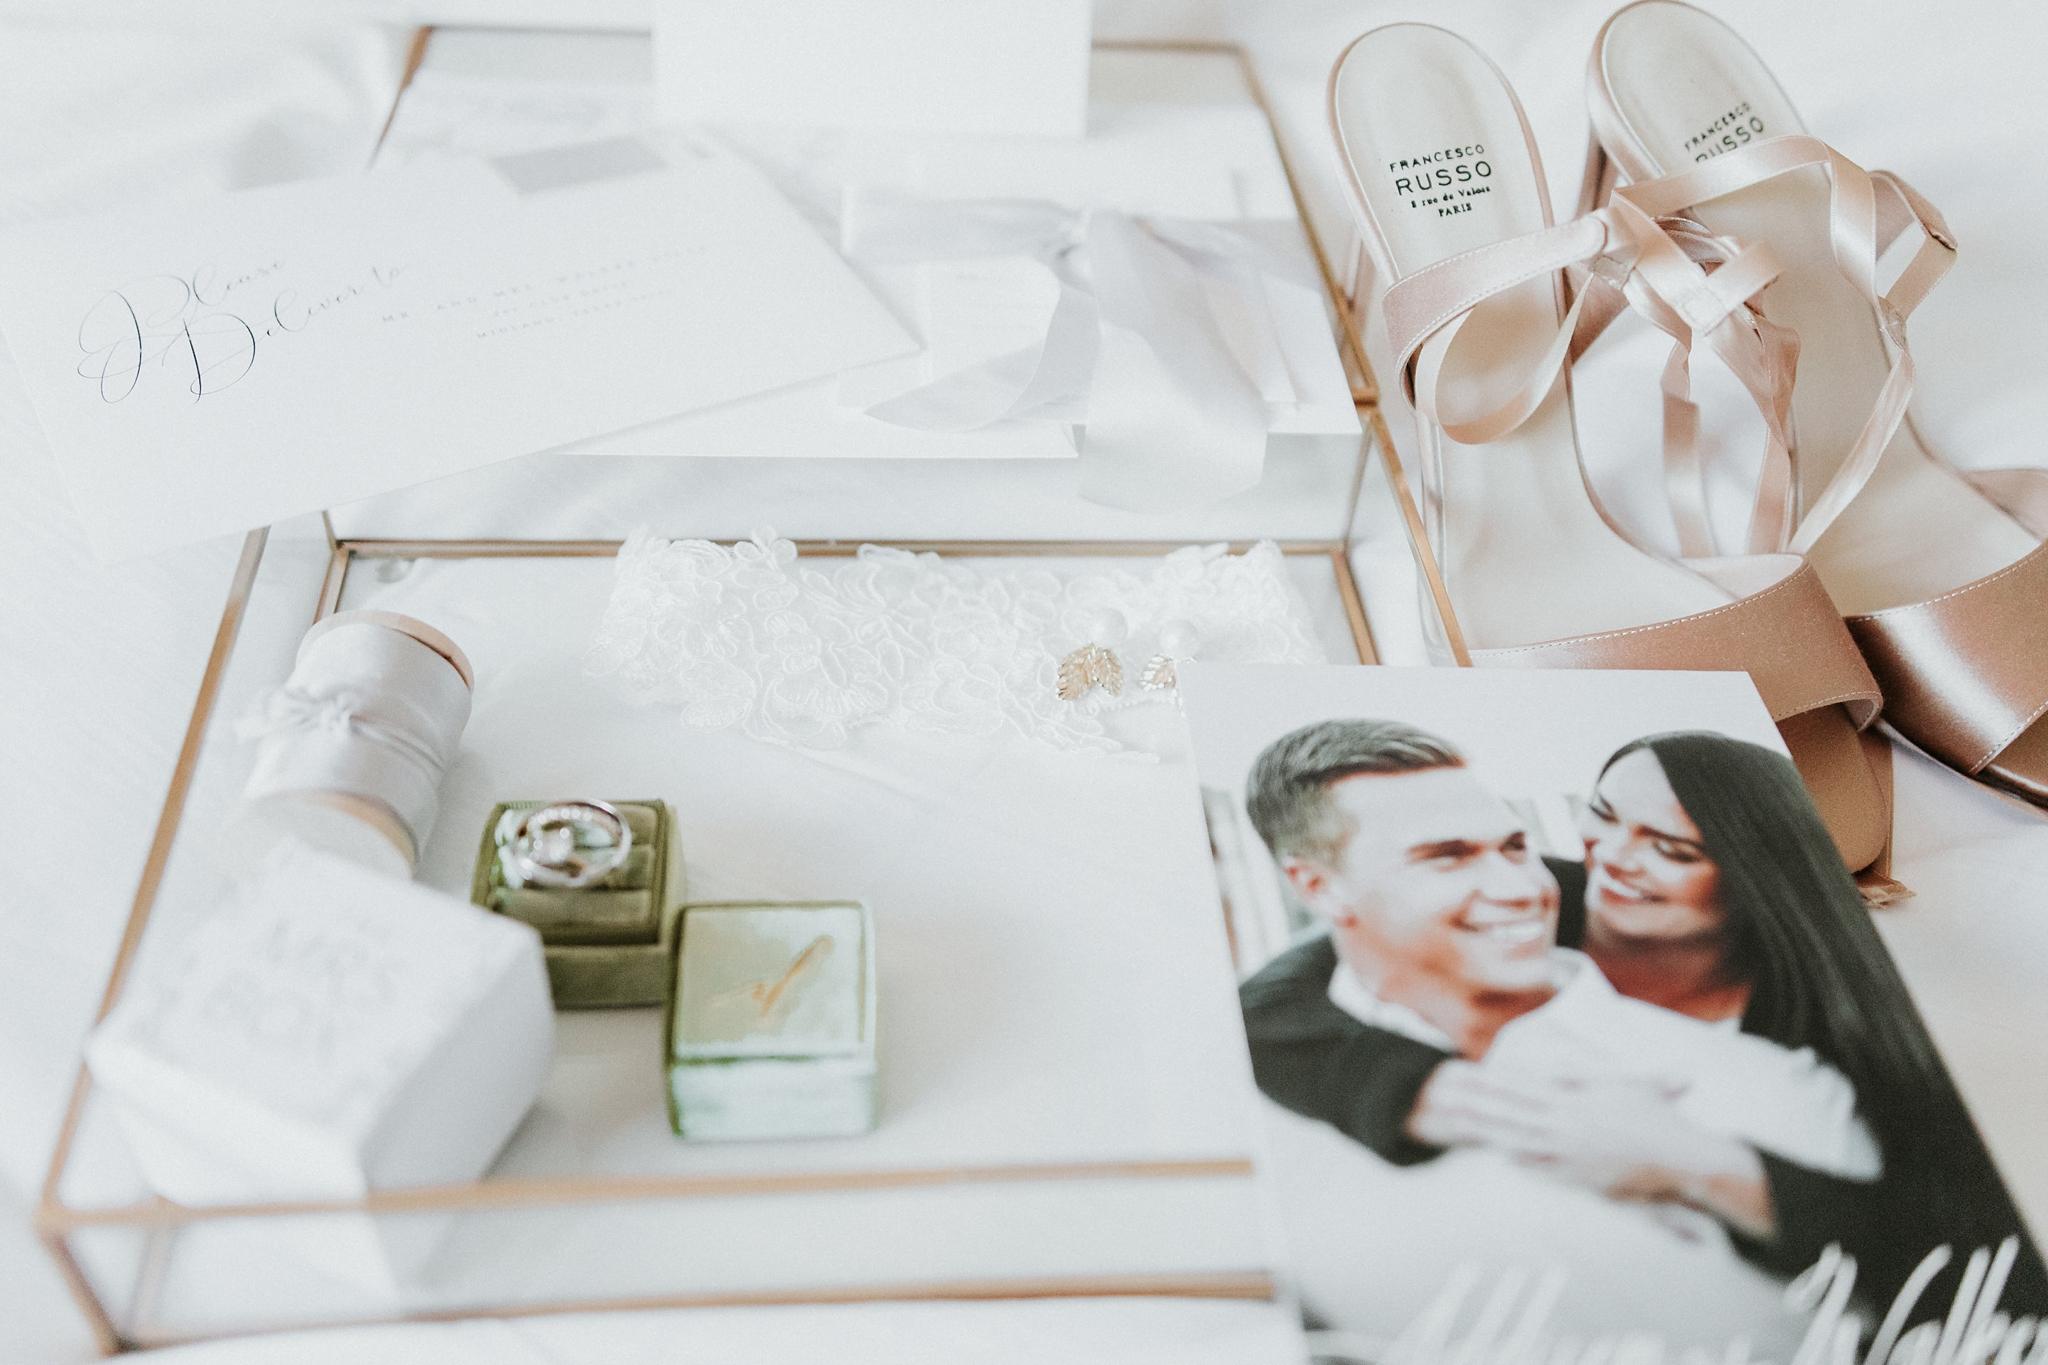 Alicia+lucia+photography+-+albuquerque+wedding+photographer+-+santa+fe+wedding+photography+-+new+mexico+wedding+photographer+-+new+mexico+wedding+-+wedding+invitations+-+invitation+suite+-+wedding+inspo_0047.jpg